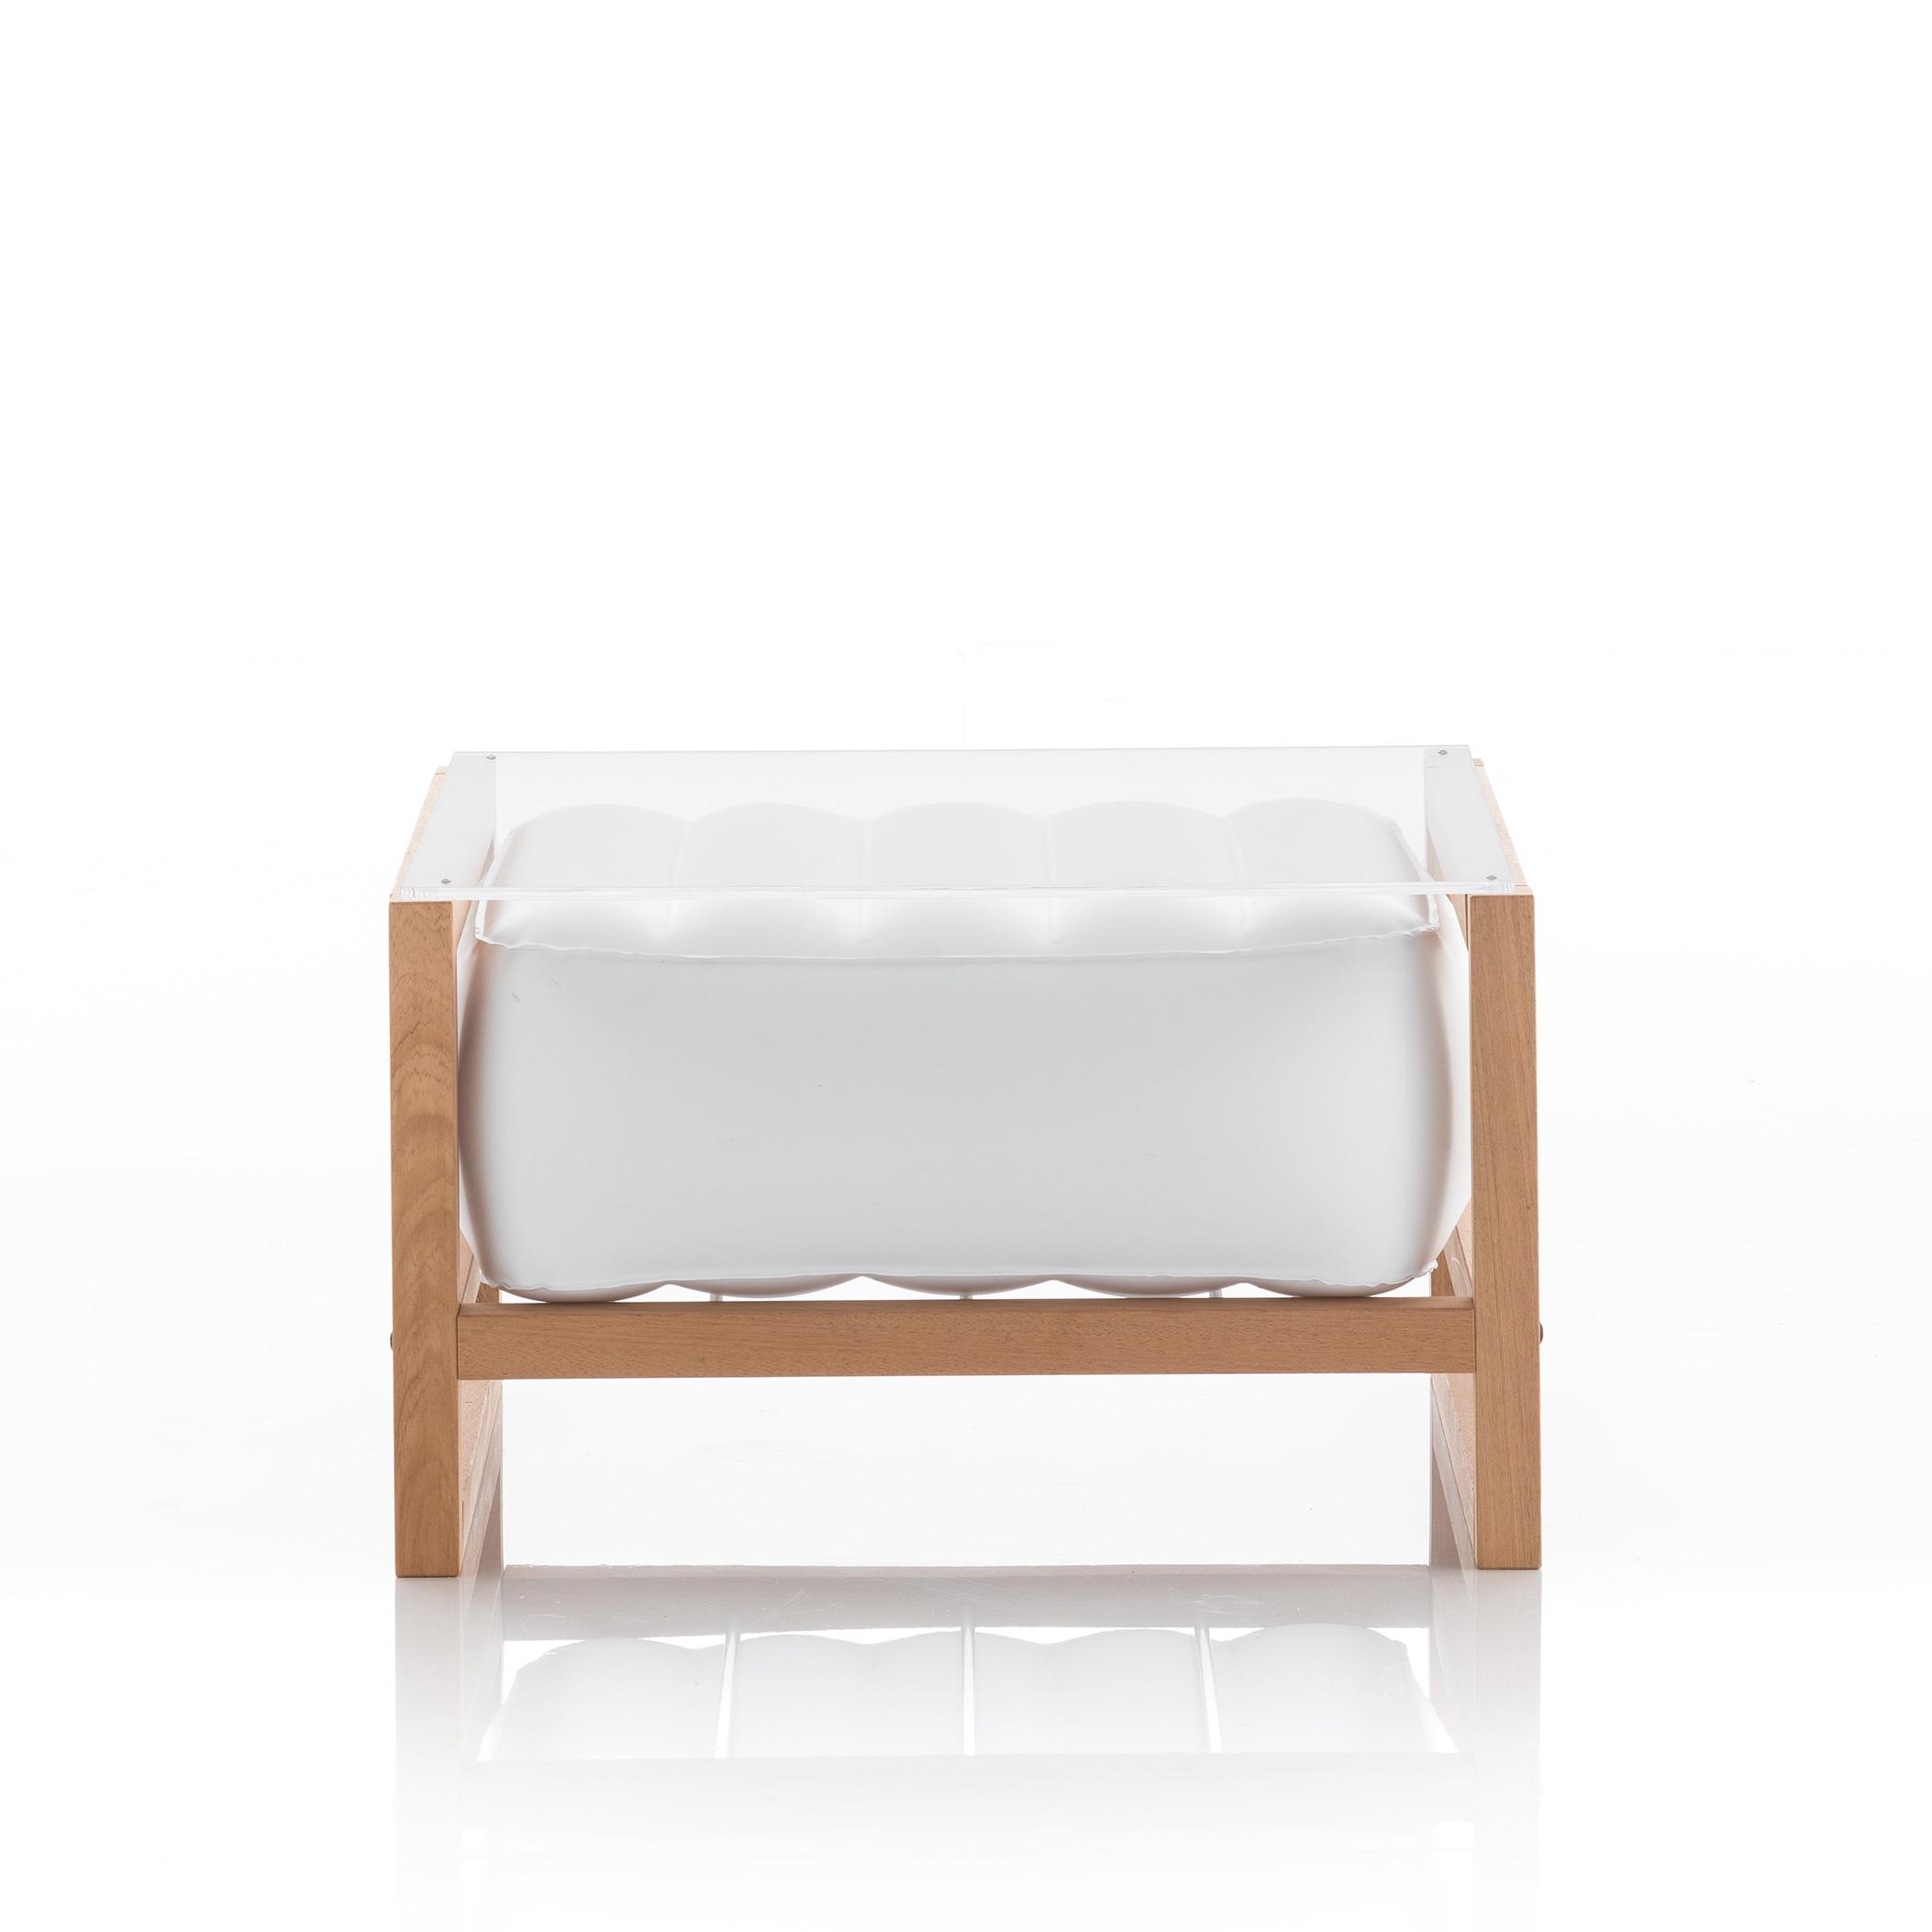 Table basse pvc blanche cadre en bois